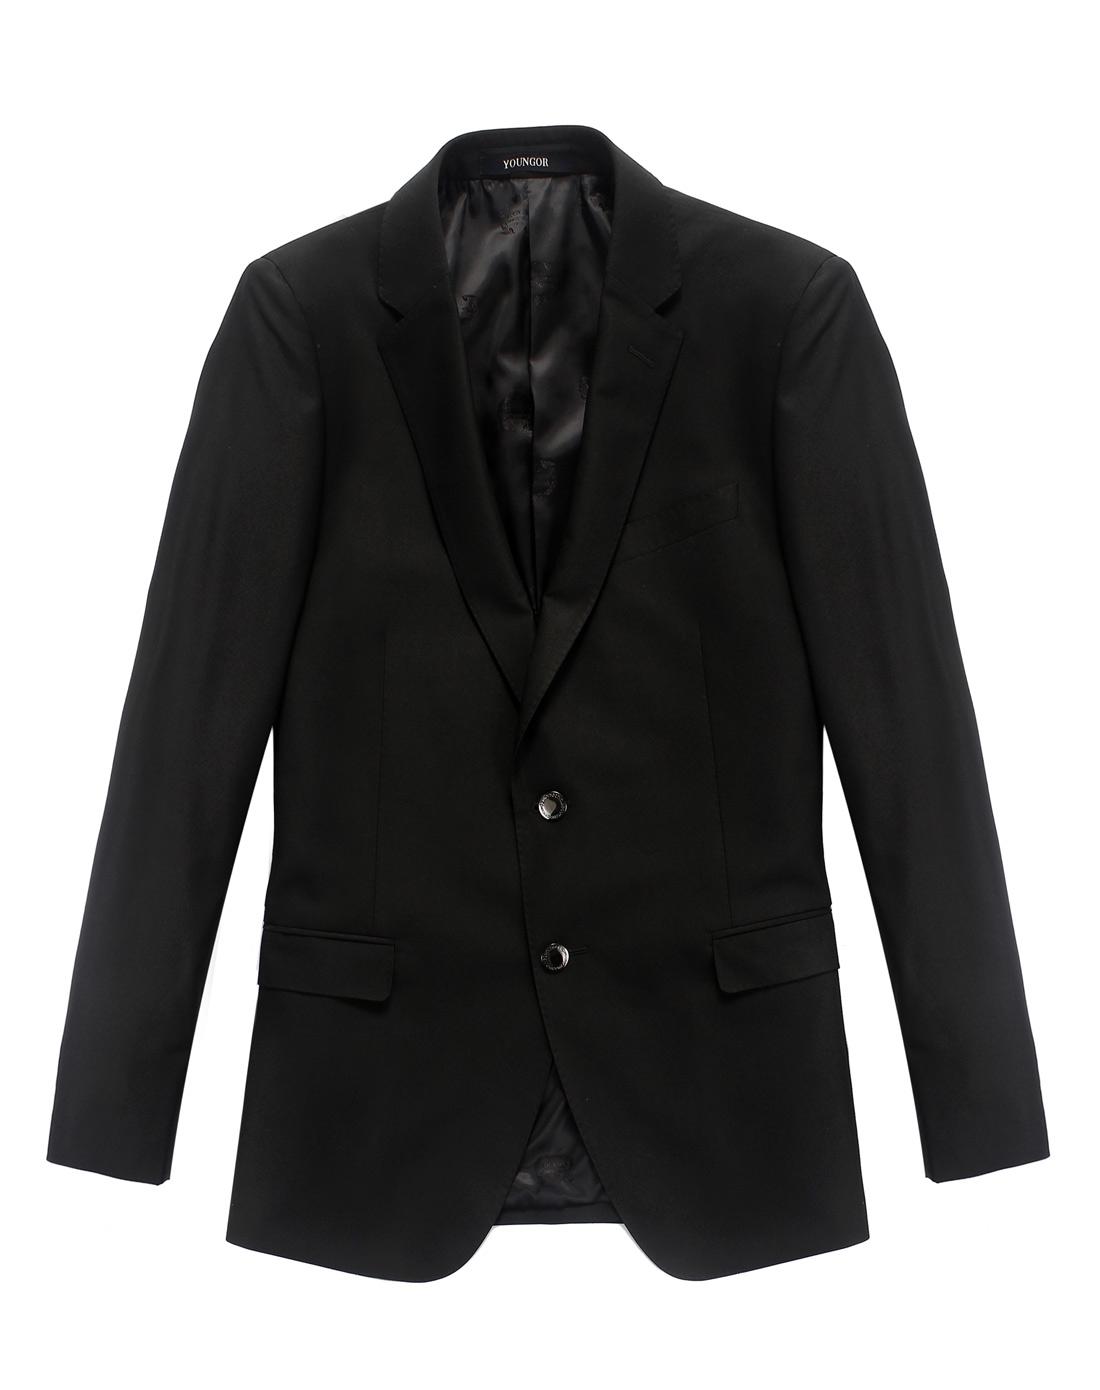 雅戈尔男士商务系列黑色套装西服图片